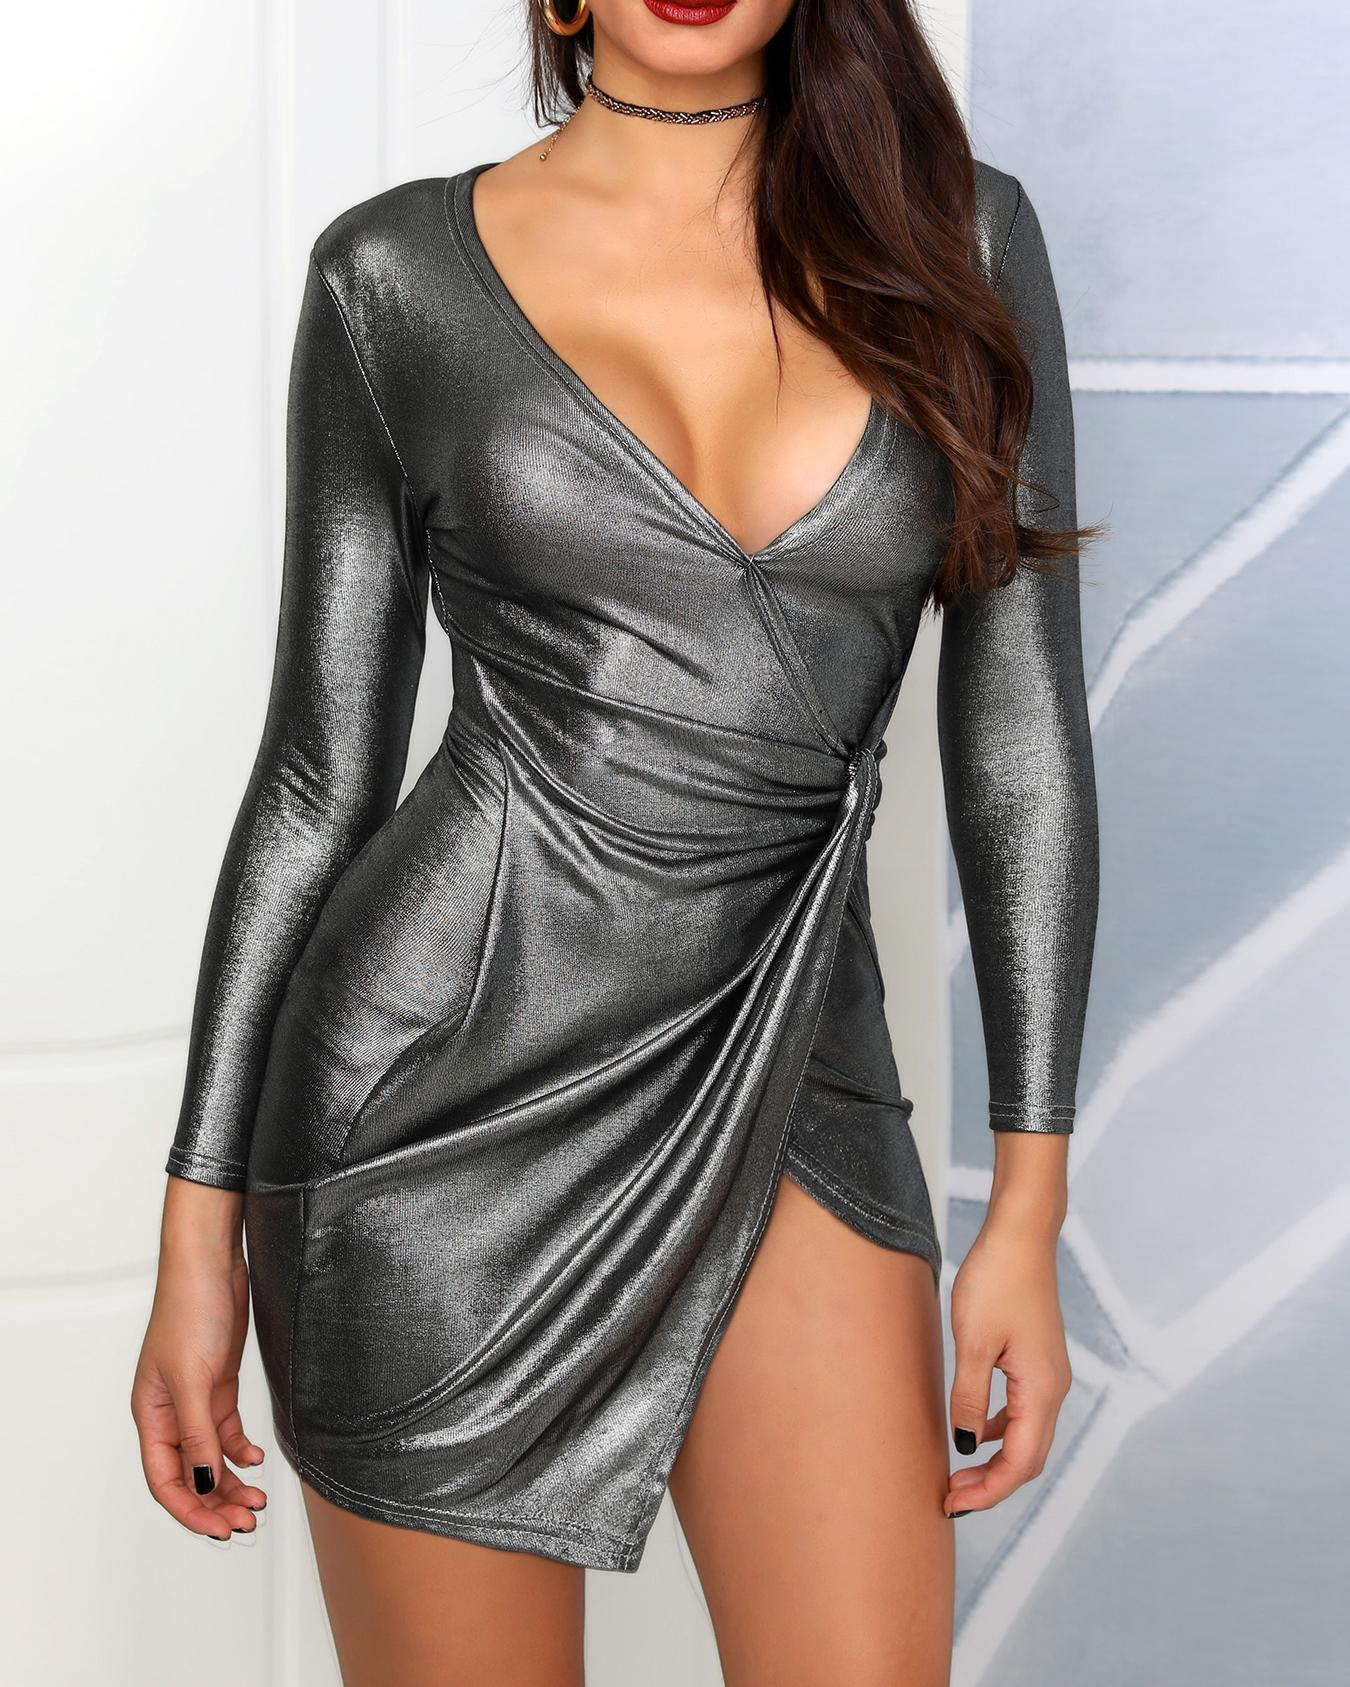 boutiquefeel / Vestidos ajustados con pliegues superpuestos